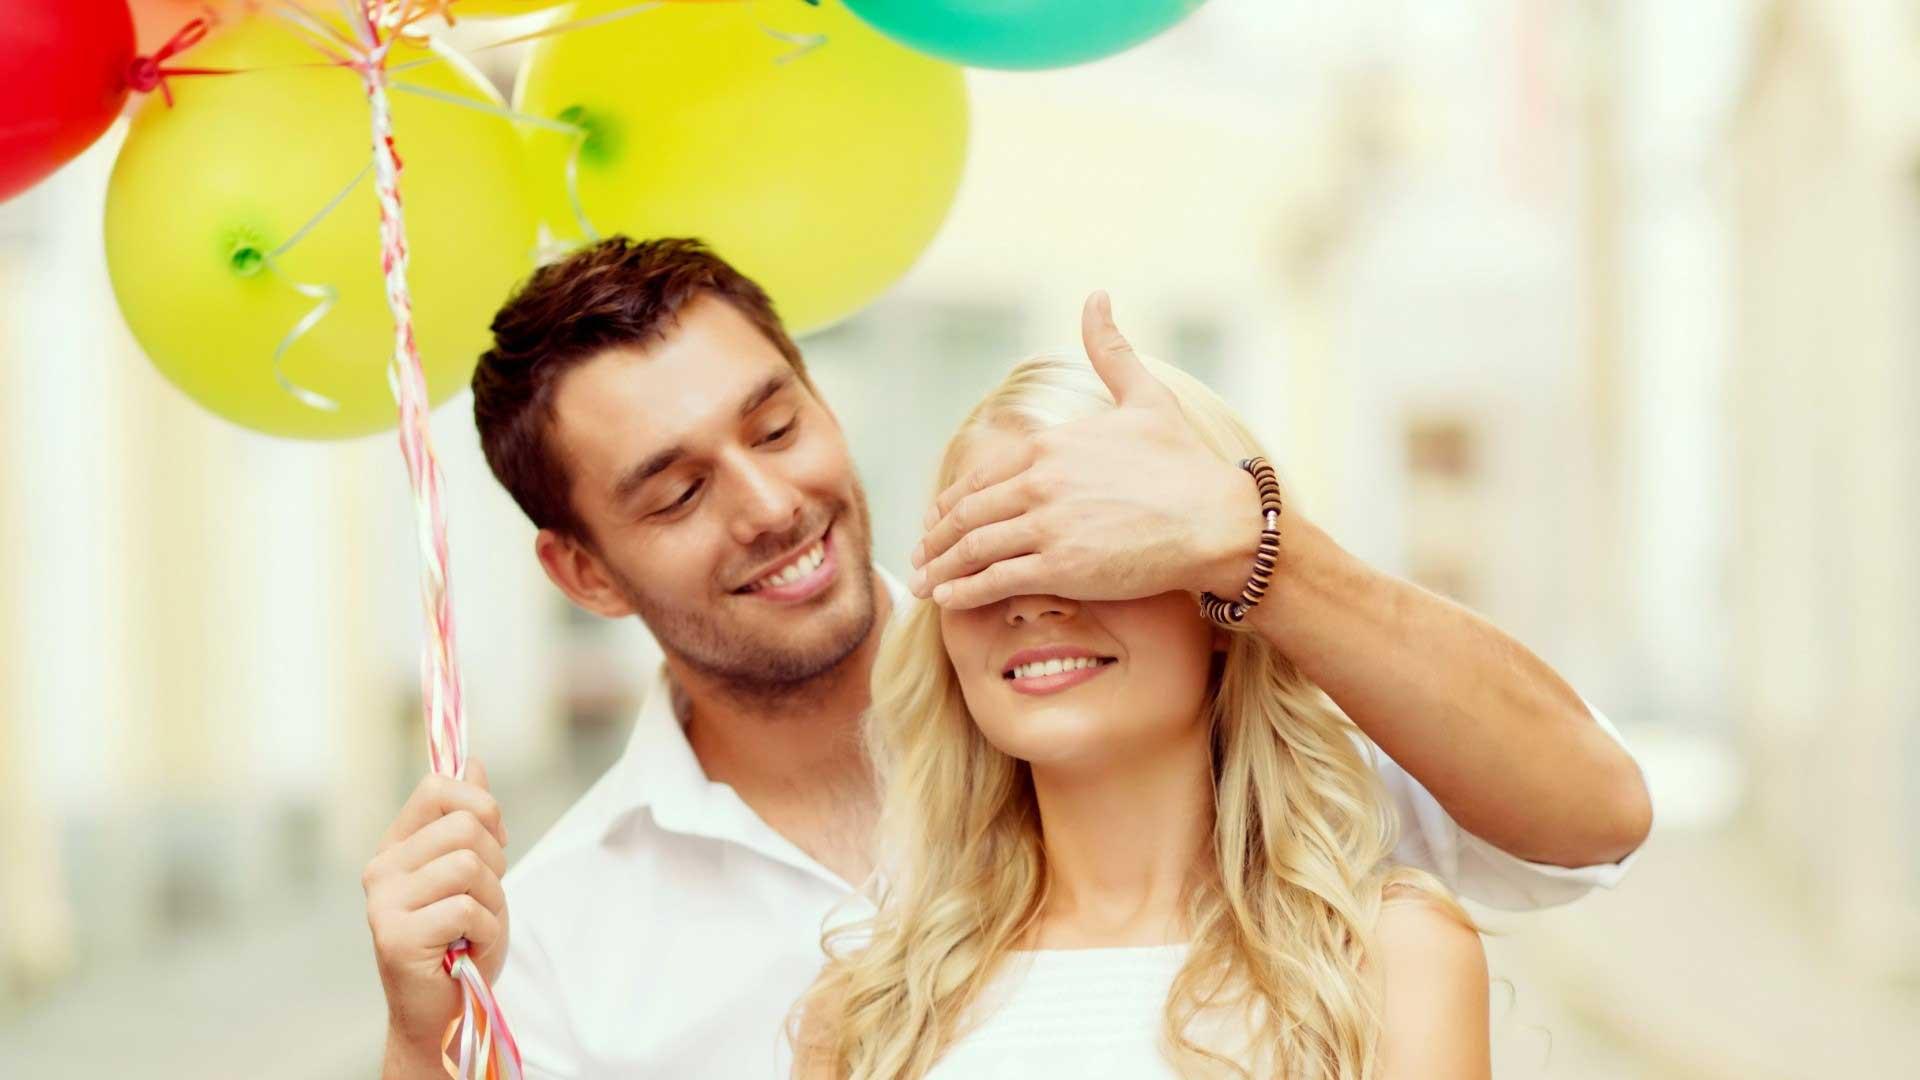 Dating romantische relatie Dating de vijand cast